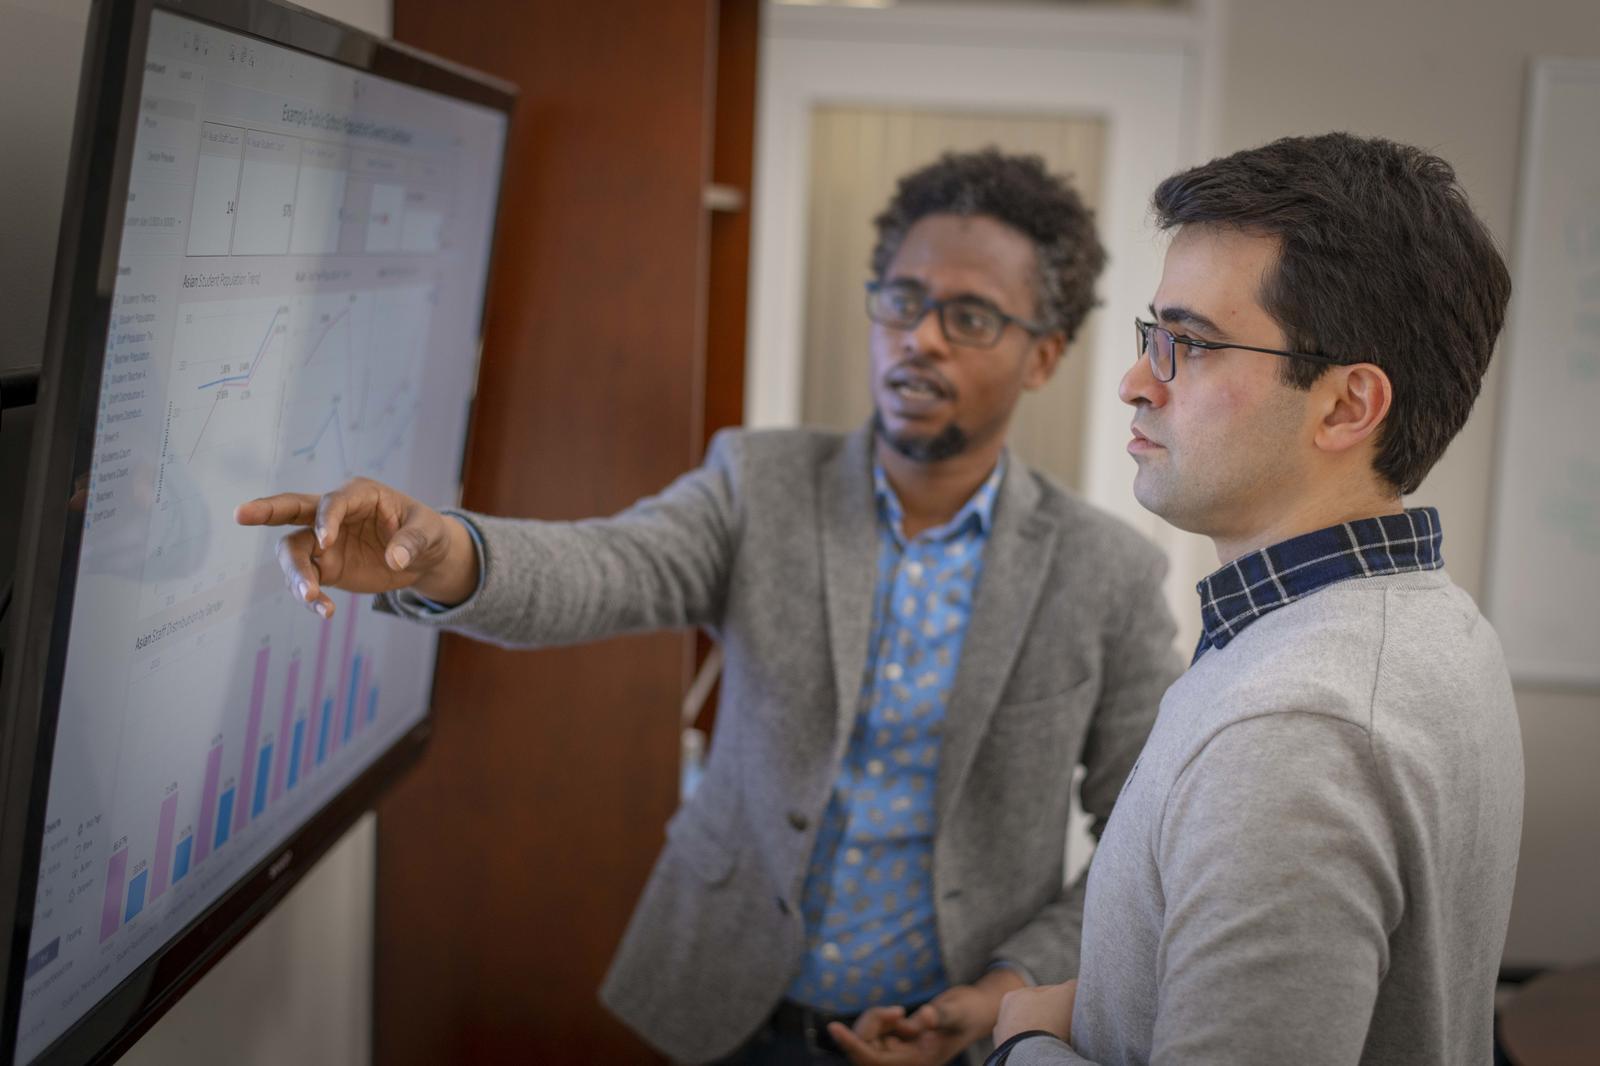 FinTech professor helps a student understand the presentation